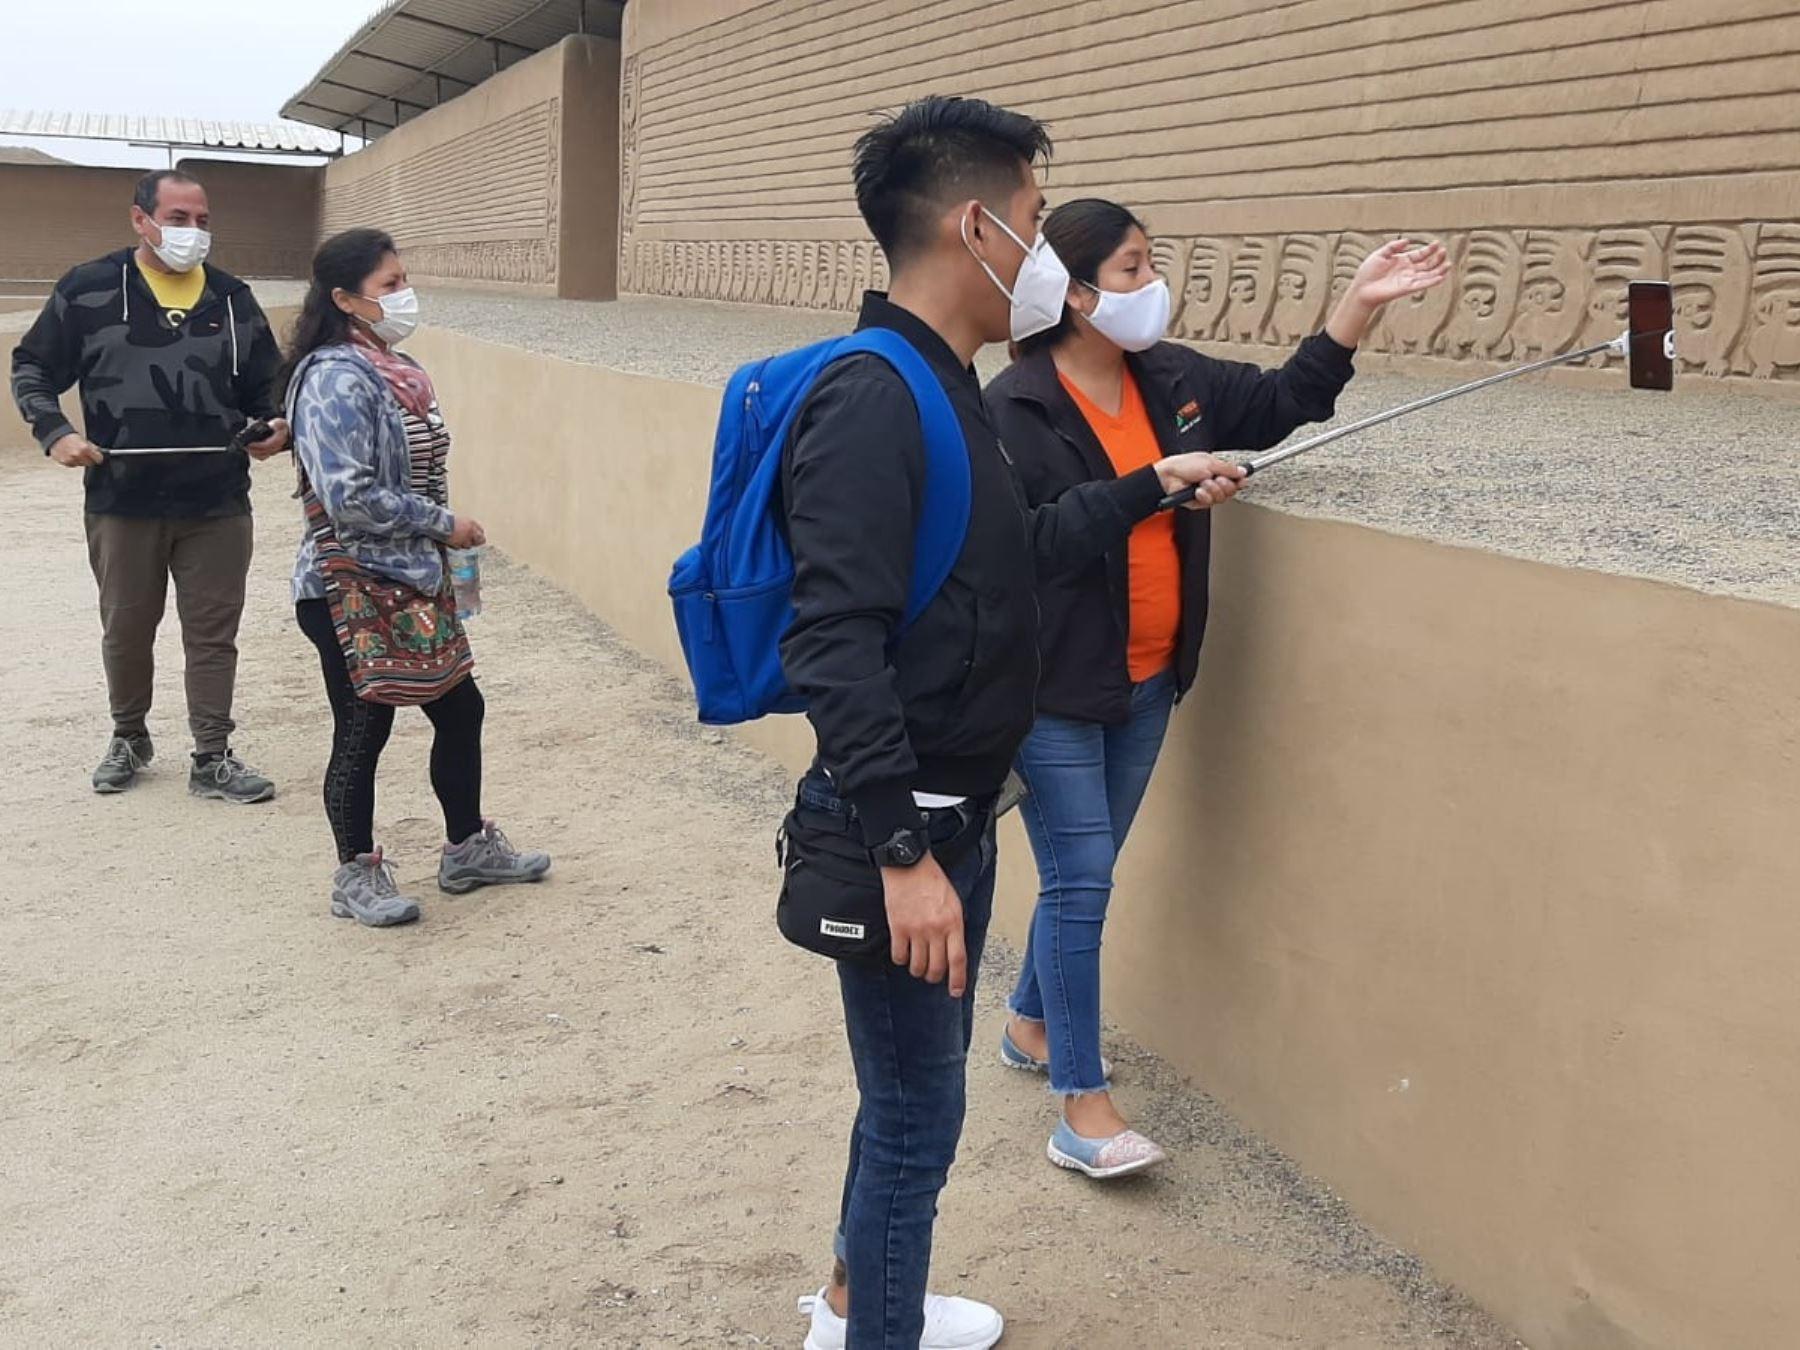 El complejo arqueológico Chan Chan, en la provincia de Trujillo, reanudará su atención al público con aforo limitado al 50% desde el 1 de marzo. ANDINA/Difusión